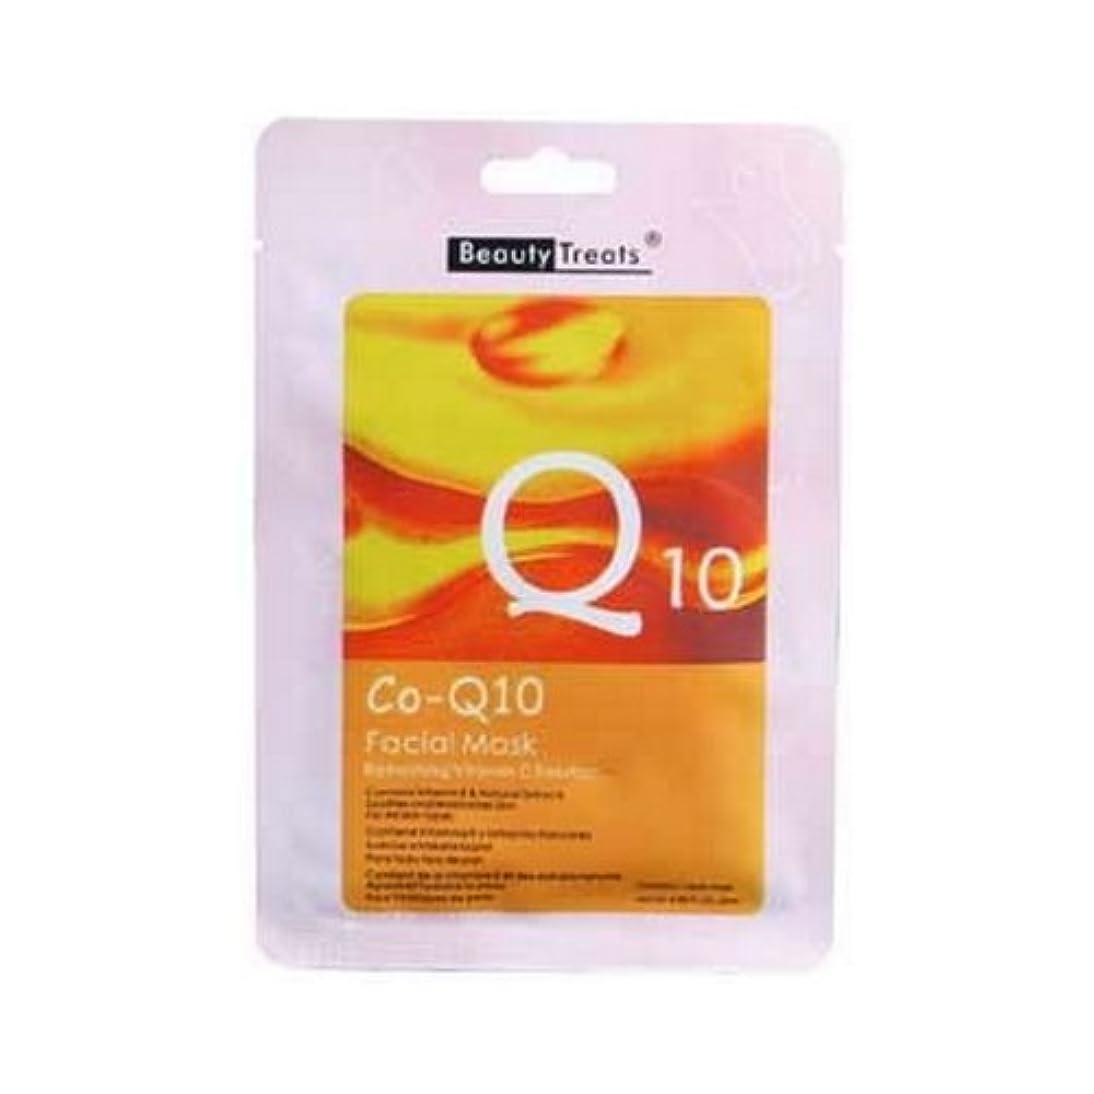 しがみつく勧告制裁(6 Pack) BEAUTY TREATS Facial Mask Refreshing Vitamin C Solution - Co-Q10 (並行輸入品)